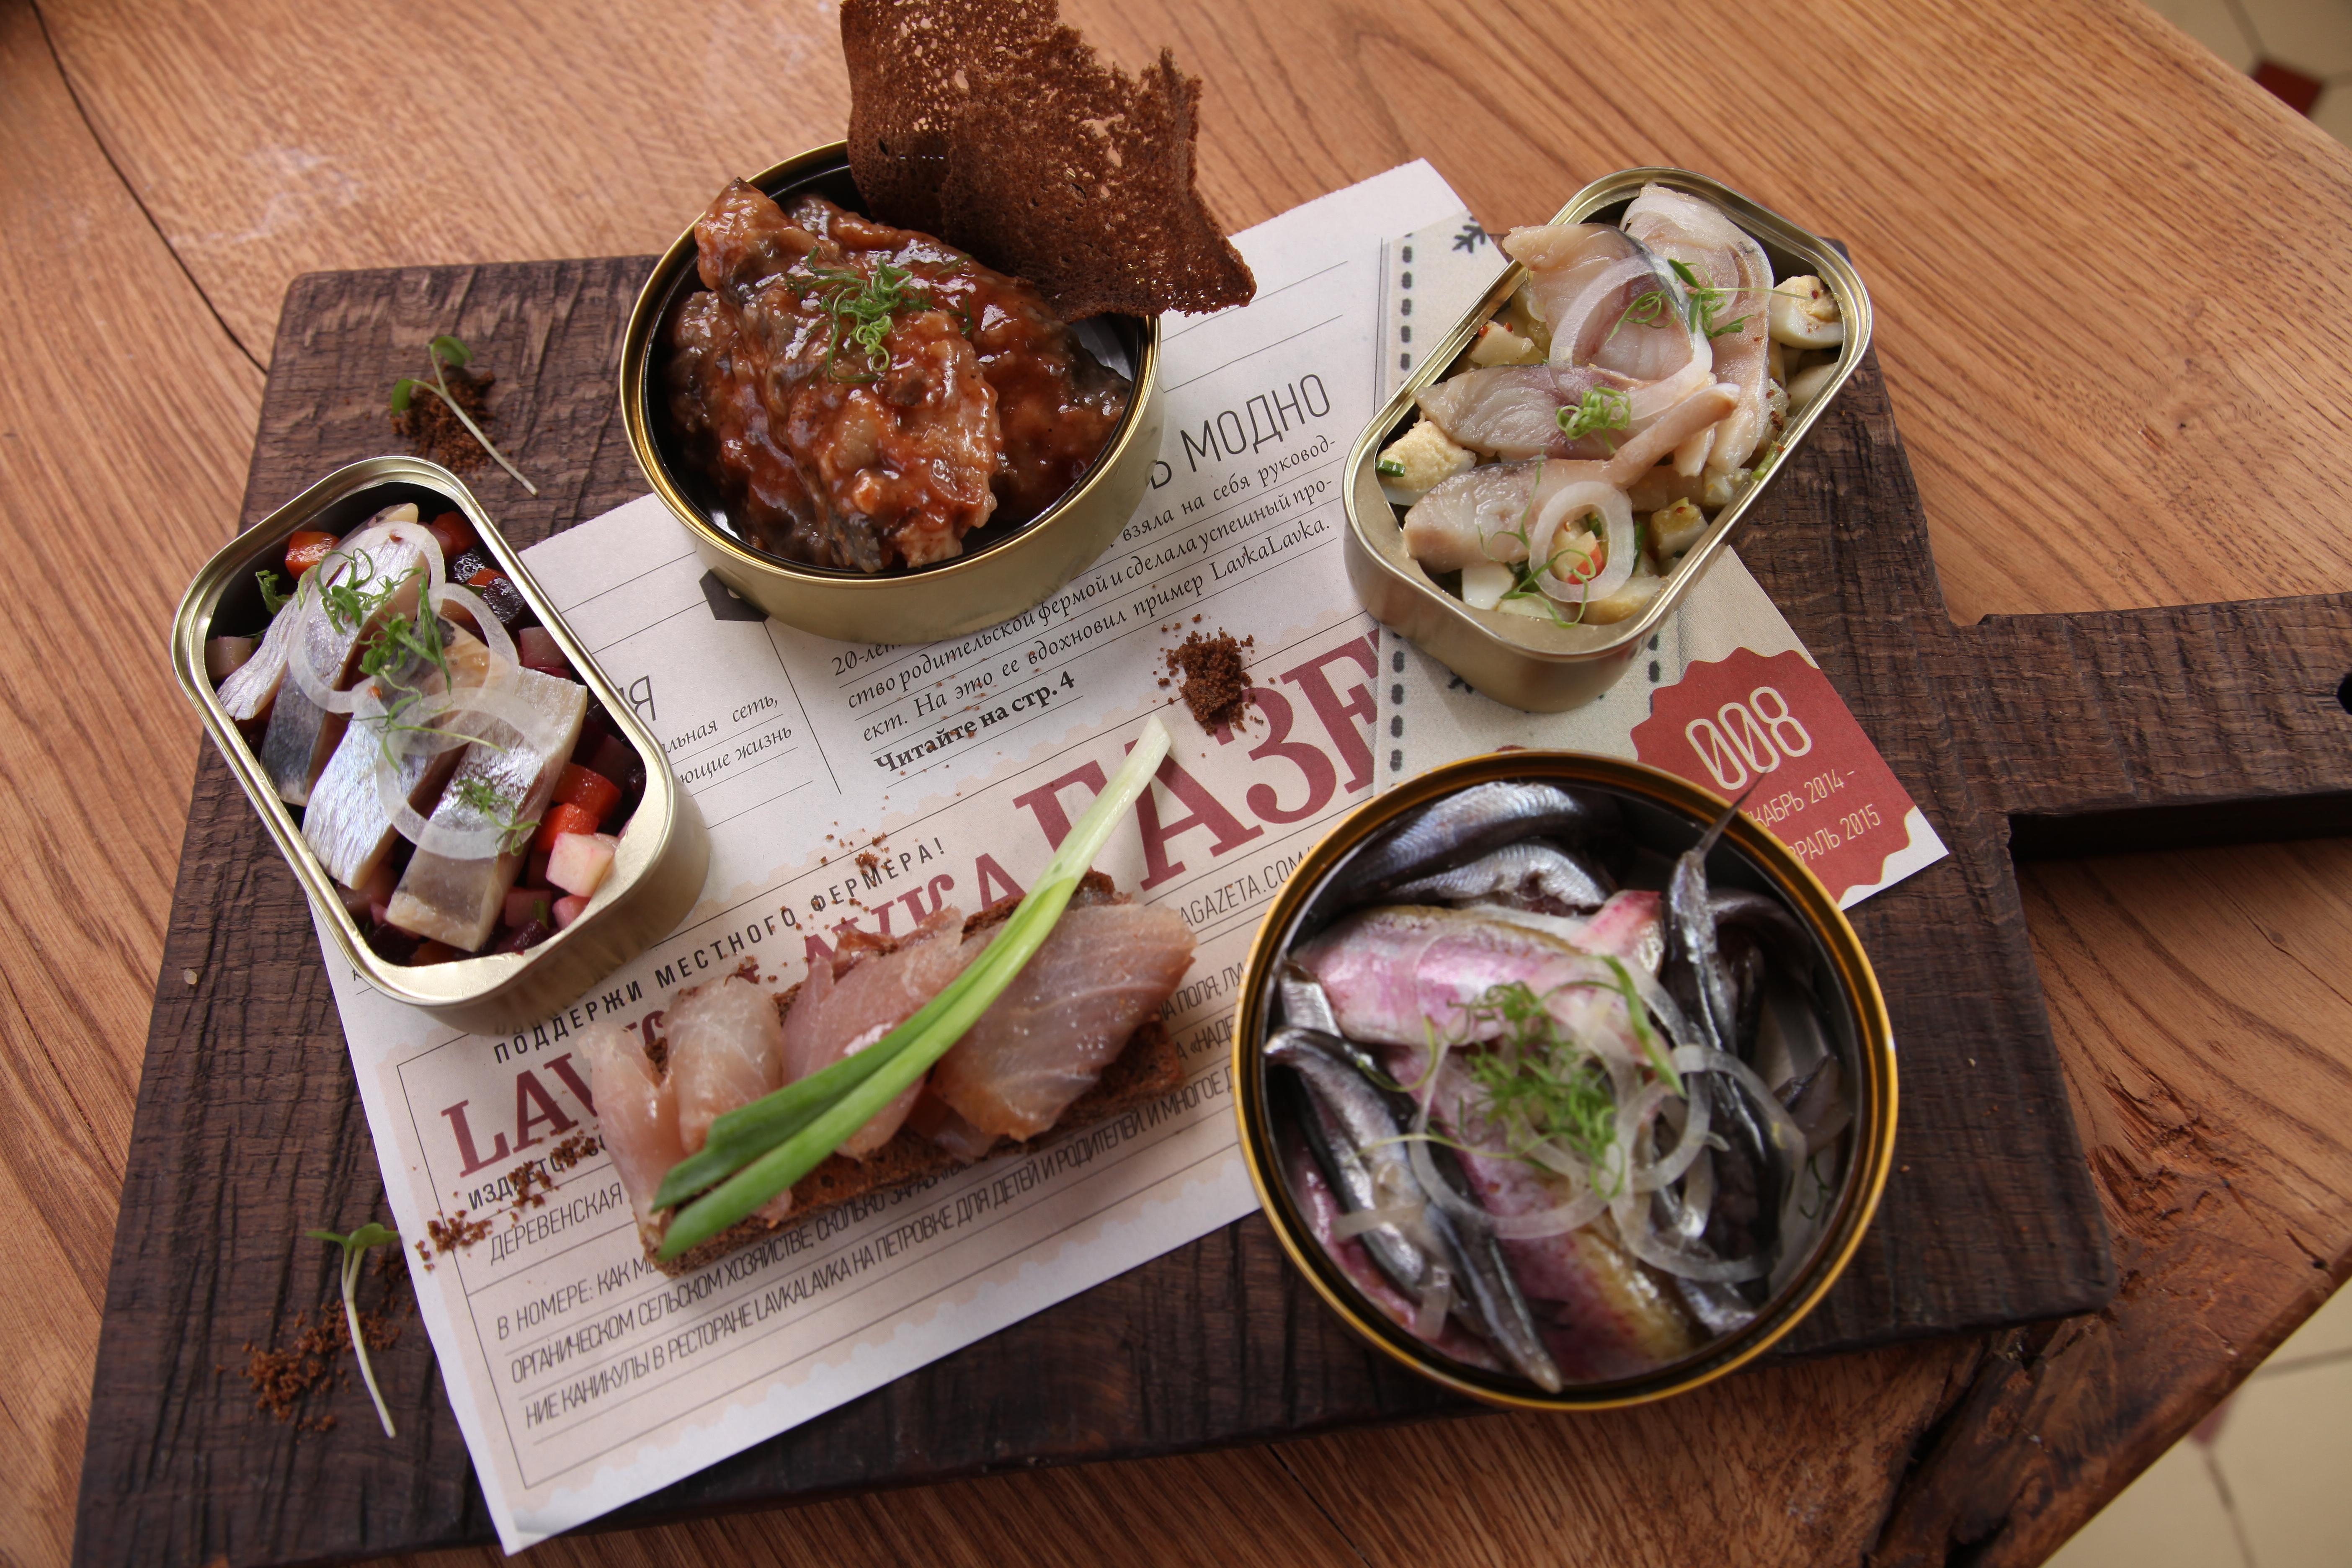 Ресторан Lavkalavka - Рыбная тарелка: соленая черноморская барабулька, сельдь, хамса, скумбрия, пиленгас. Рыба от Руслана Желтенко